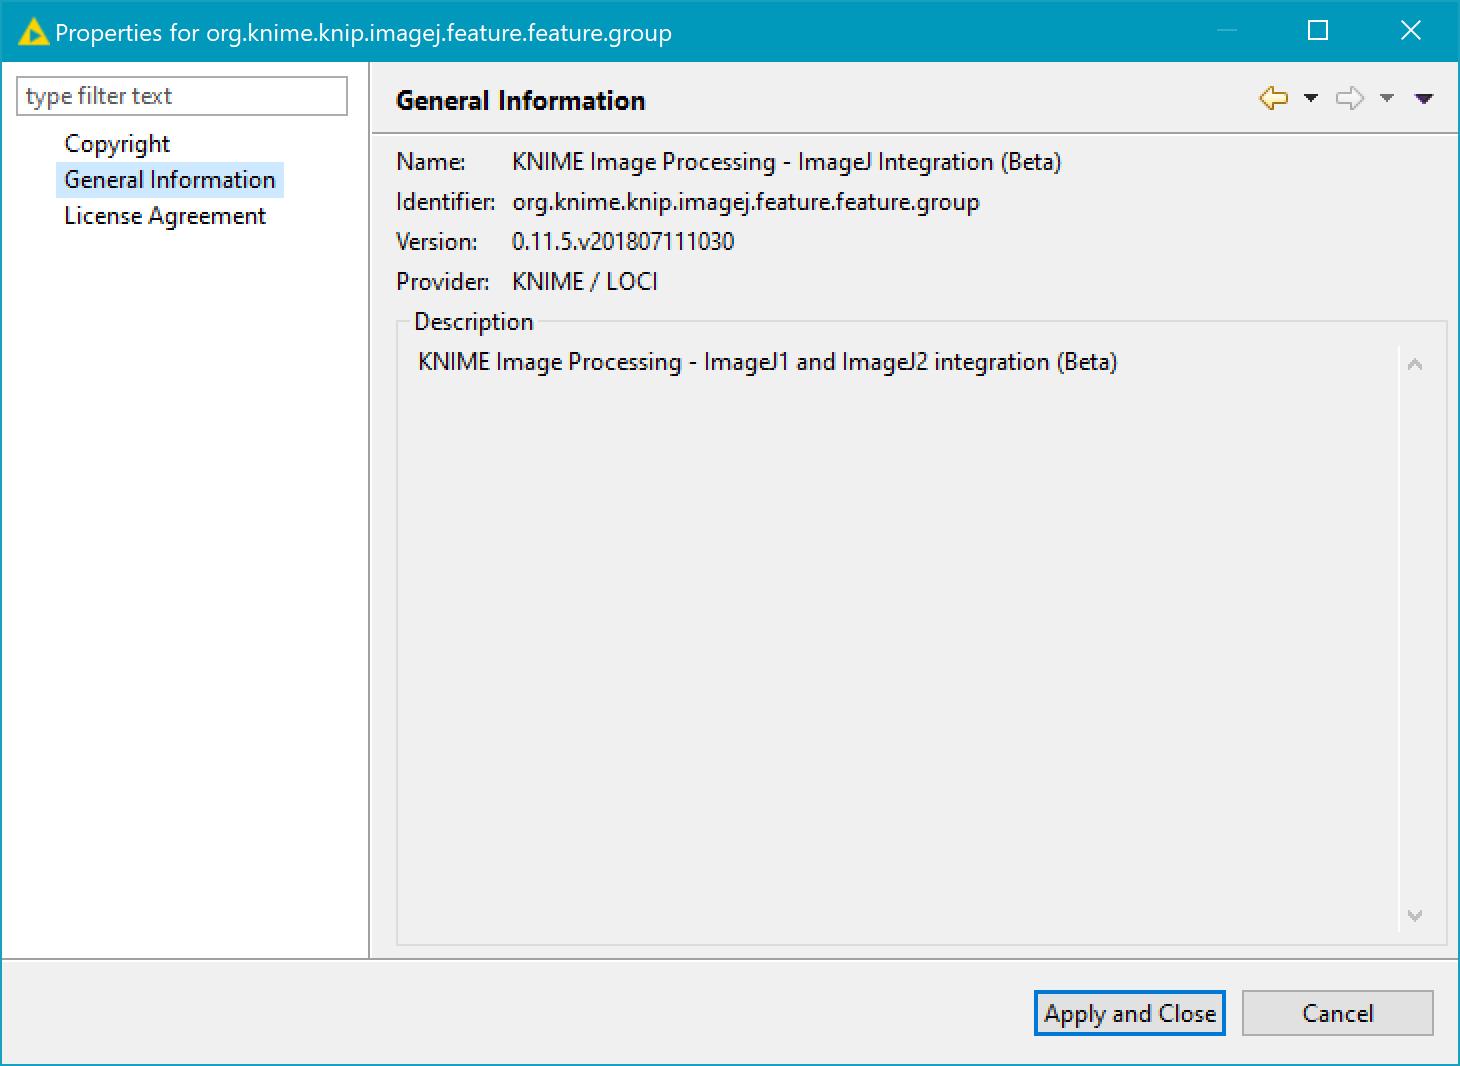 ImageJ(beta) version